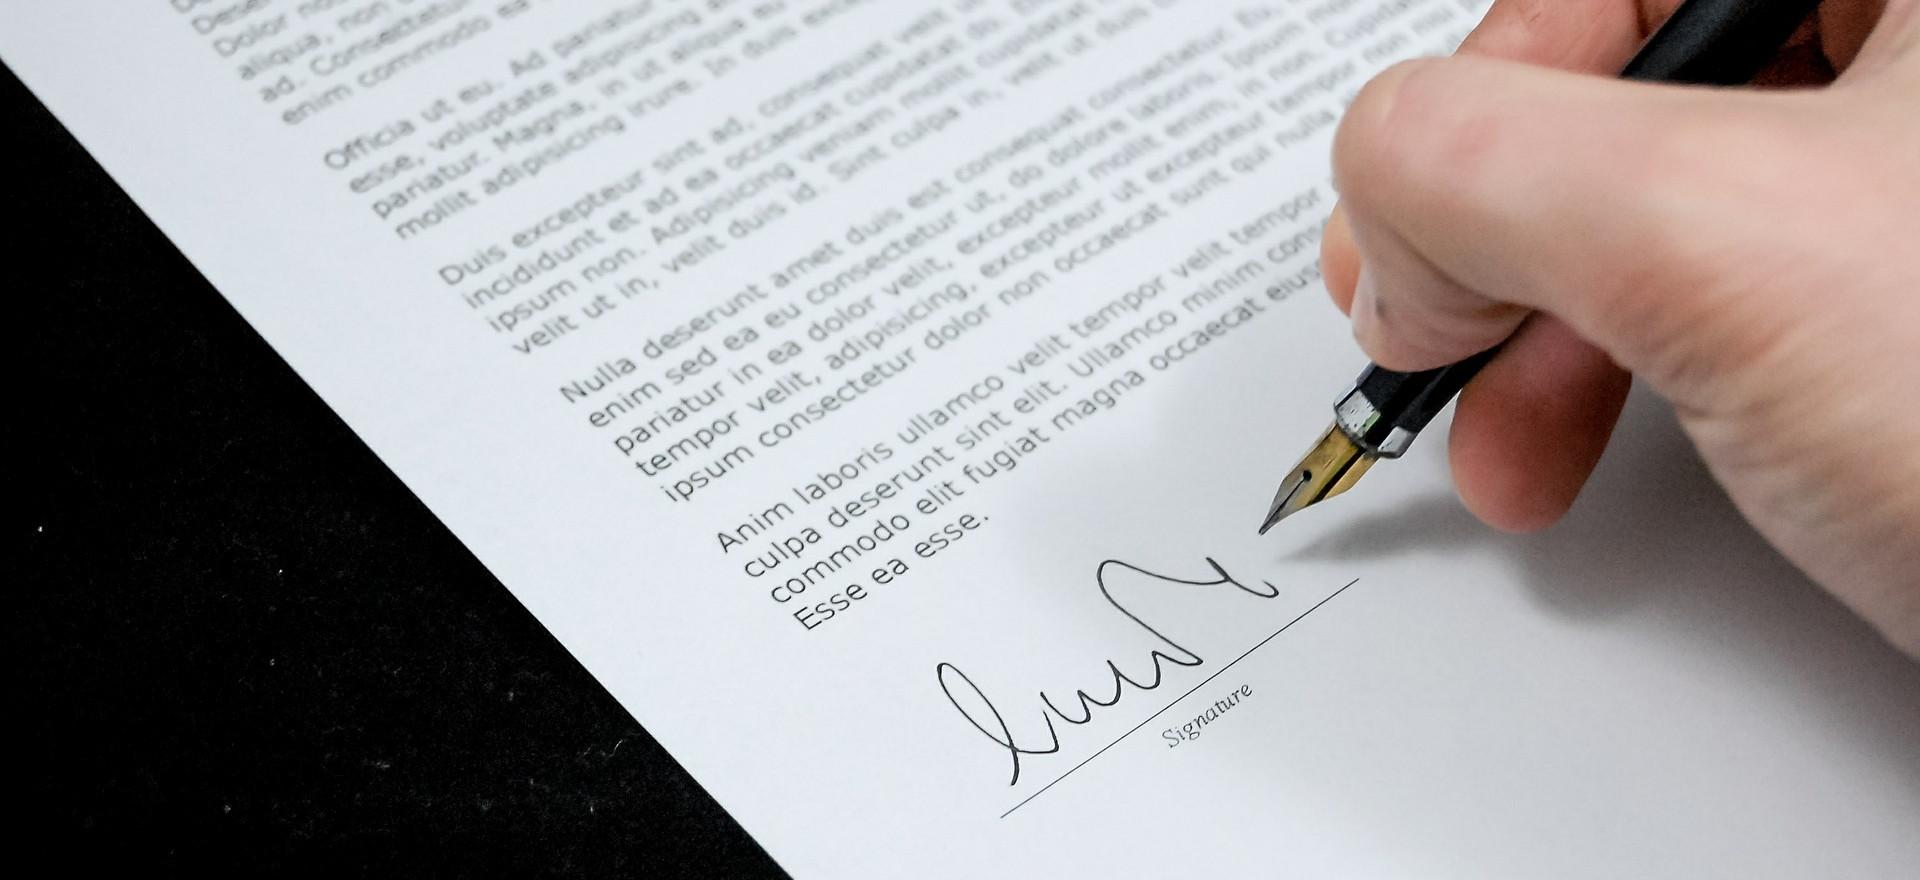 BTG e fintech JUSTA disponibilizam nova linha de crédito para pequenas empresas. | LER